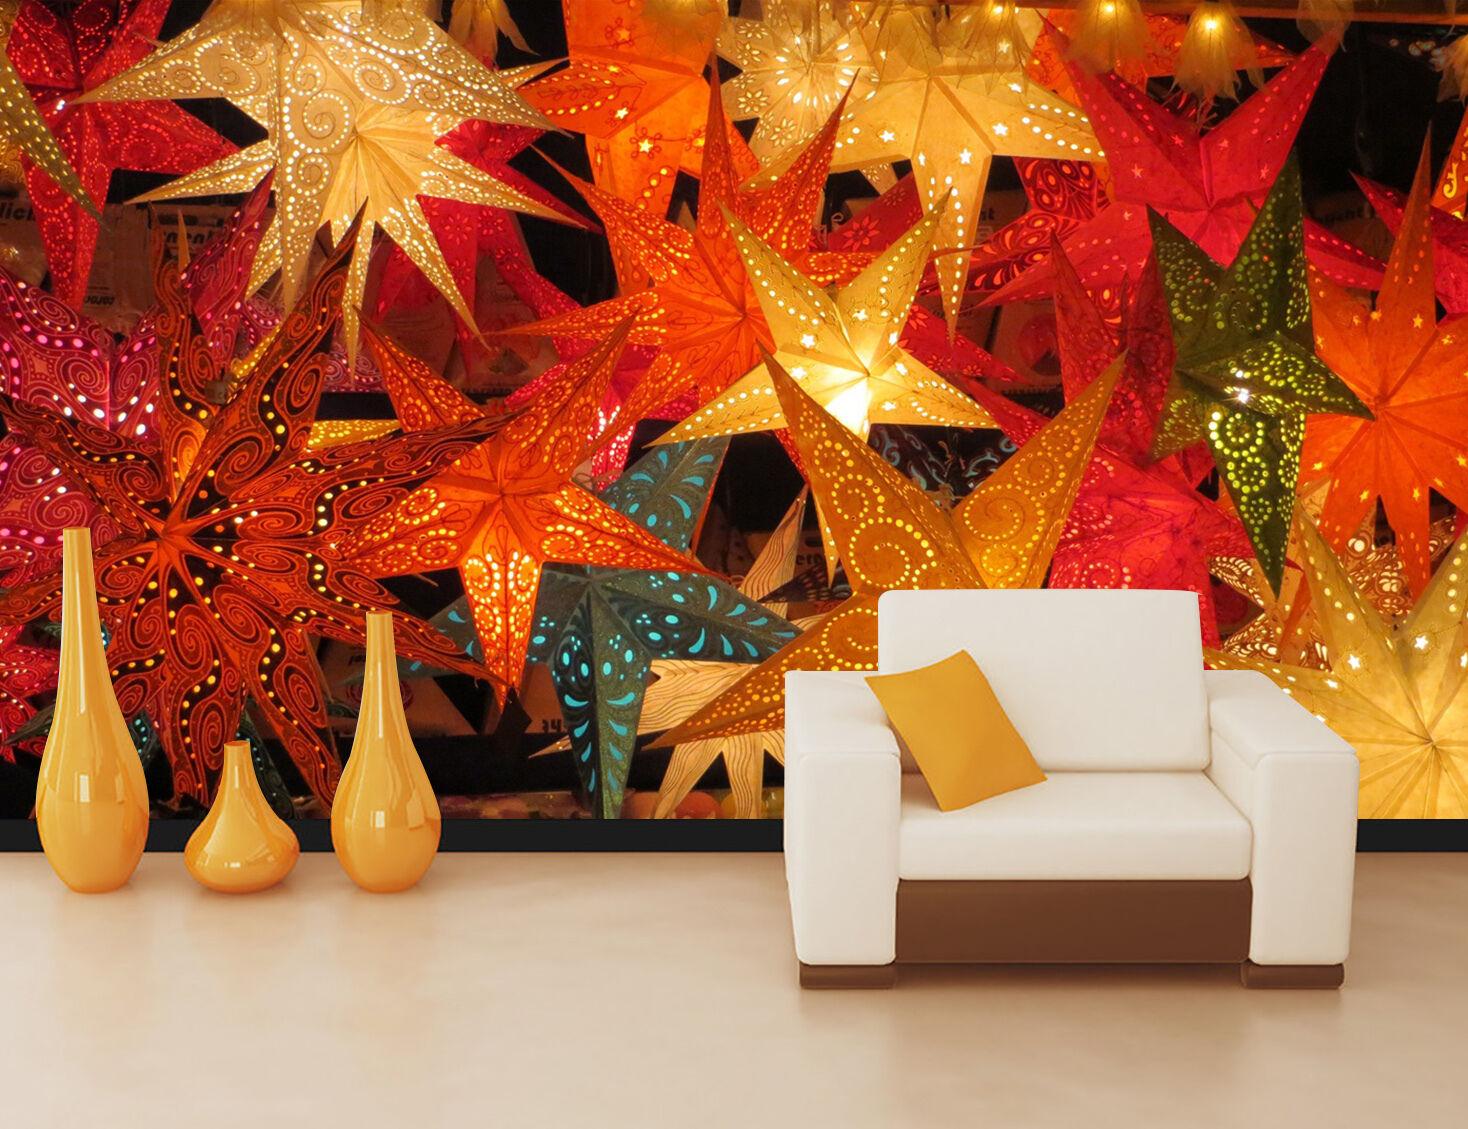 3D Weihnachten Farbige Ahornblätter Fototapeten Wandbild BildTapete Familie DE